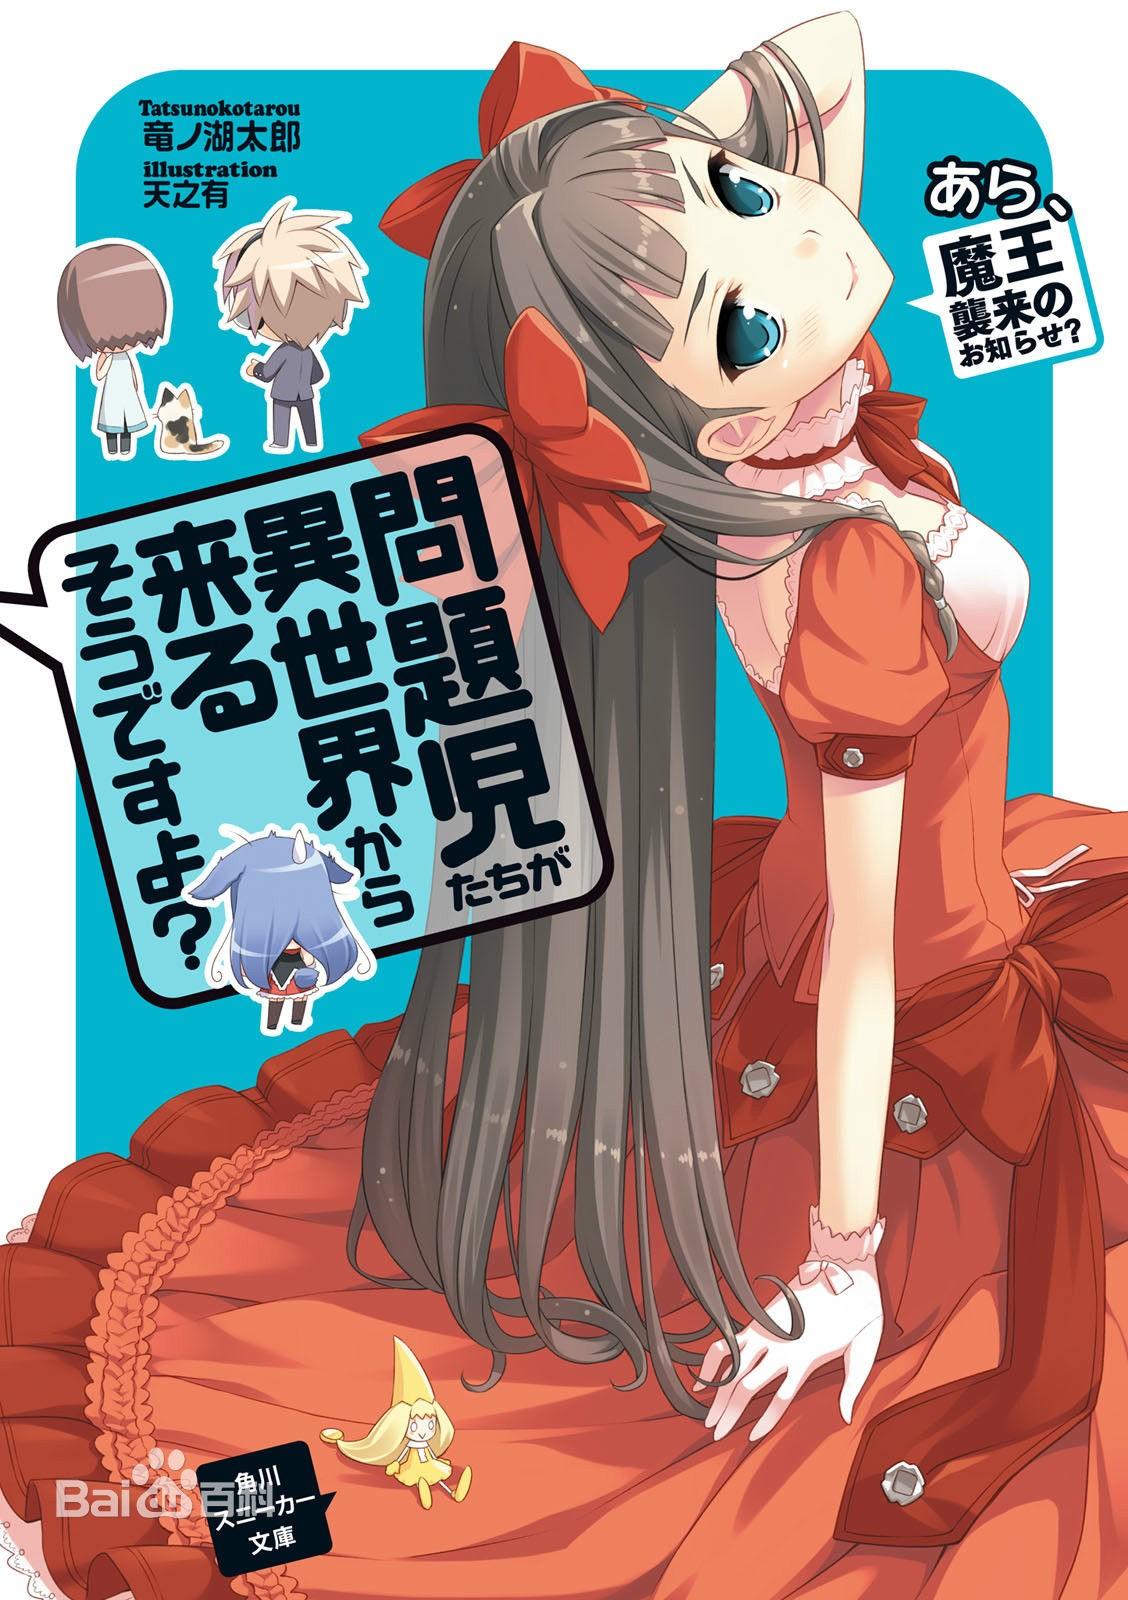 《问题儿童都来自异世界》少女漫画CG欣赏